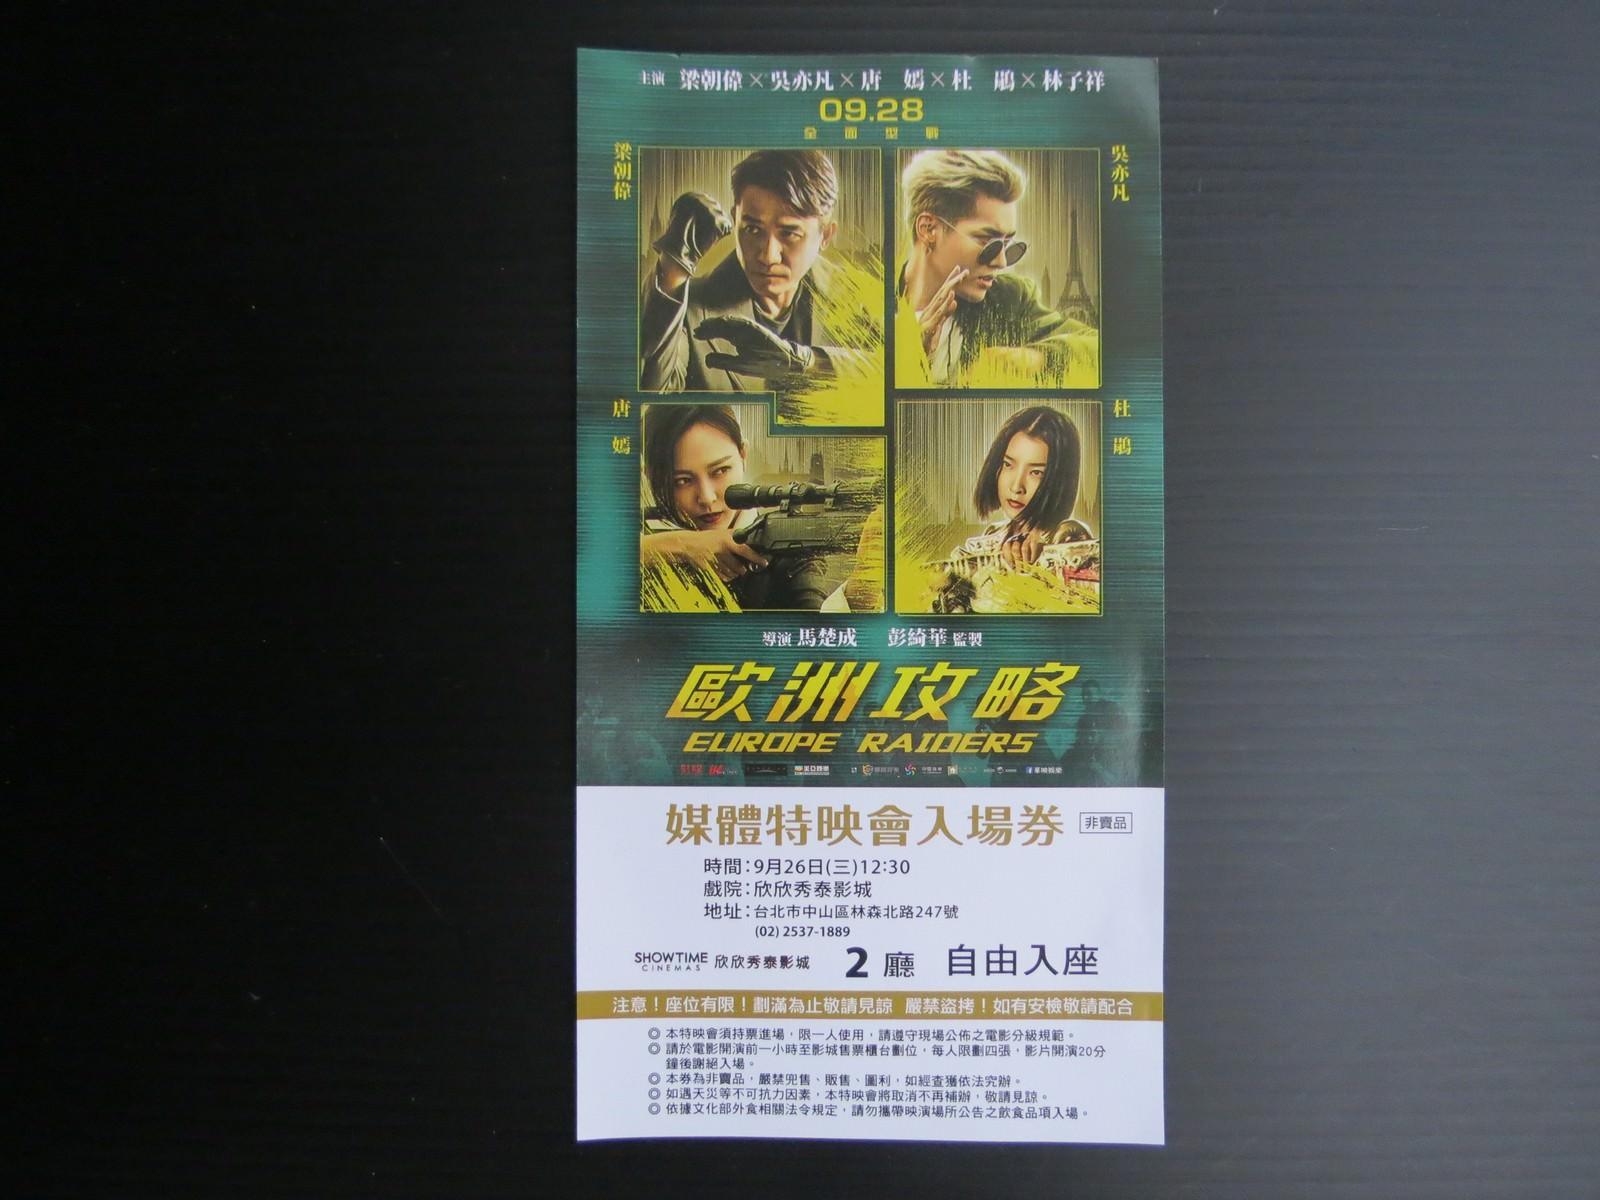 Movie, Movie, 歐洲攻略(中國.香港, 2018) / 歐洲攻略(台灣) / 欧洲攻略(中國) / Europe Raiders(英文), 特映會電影票